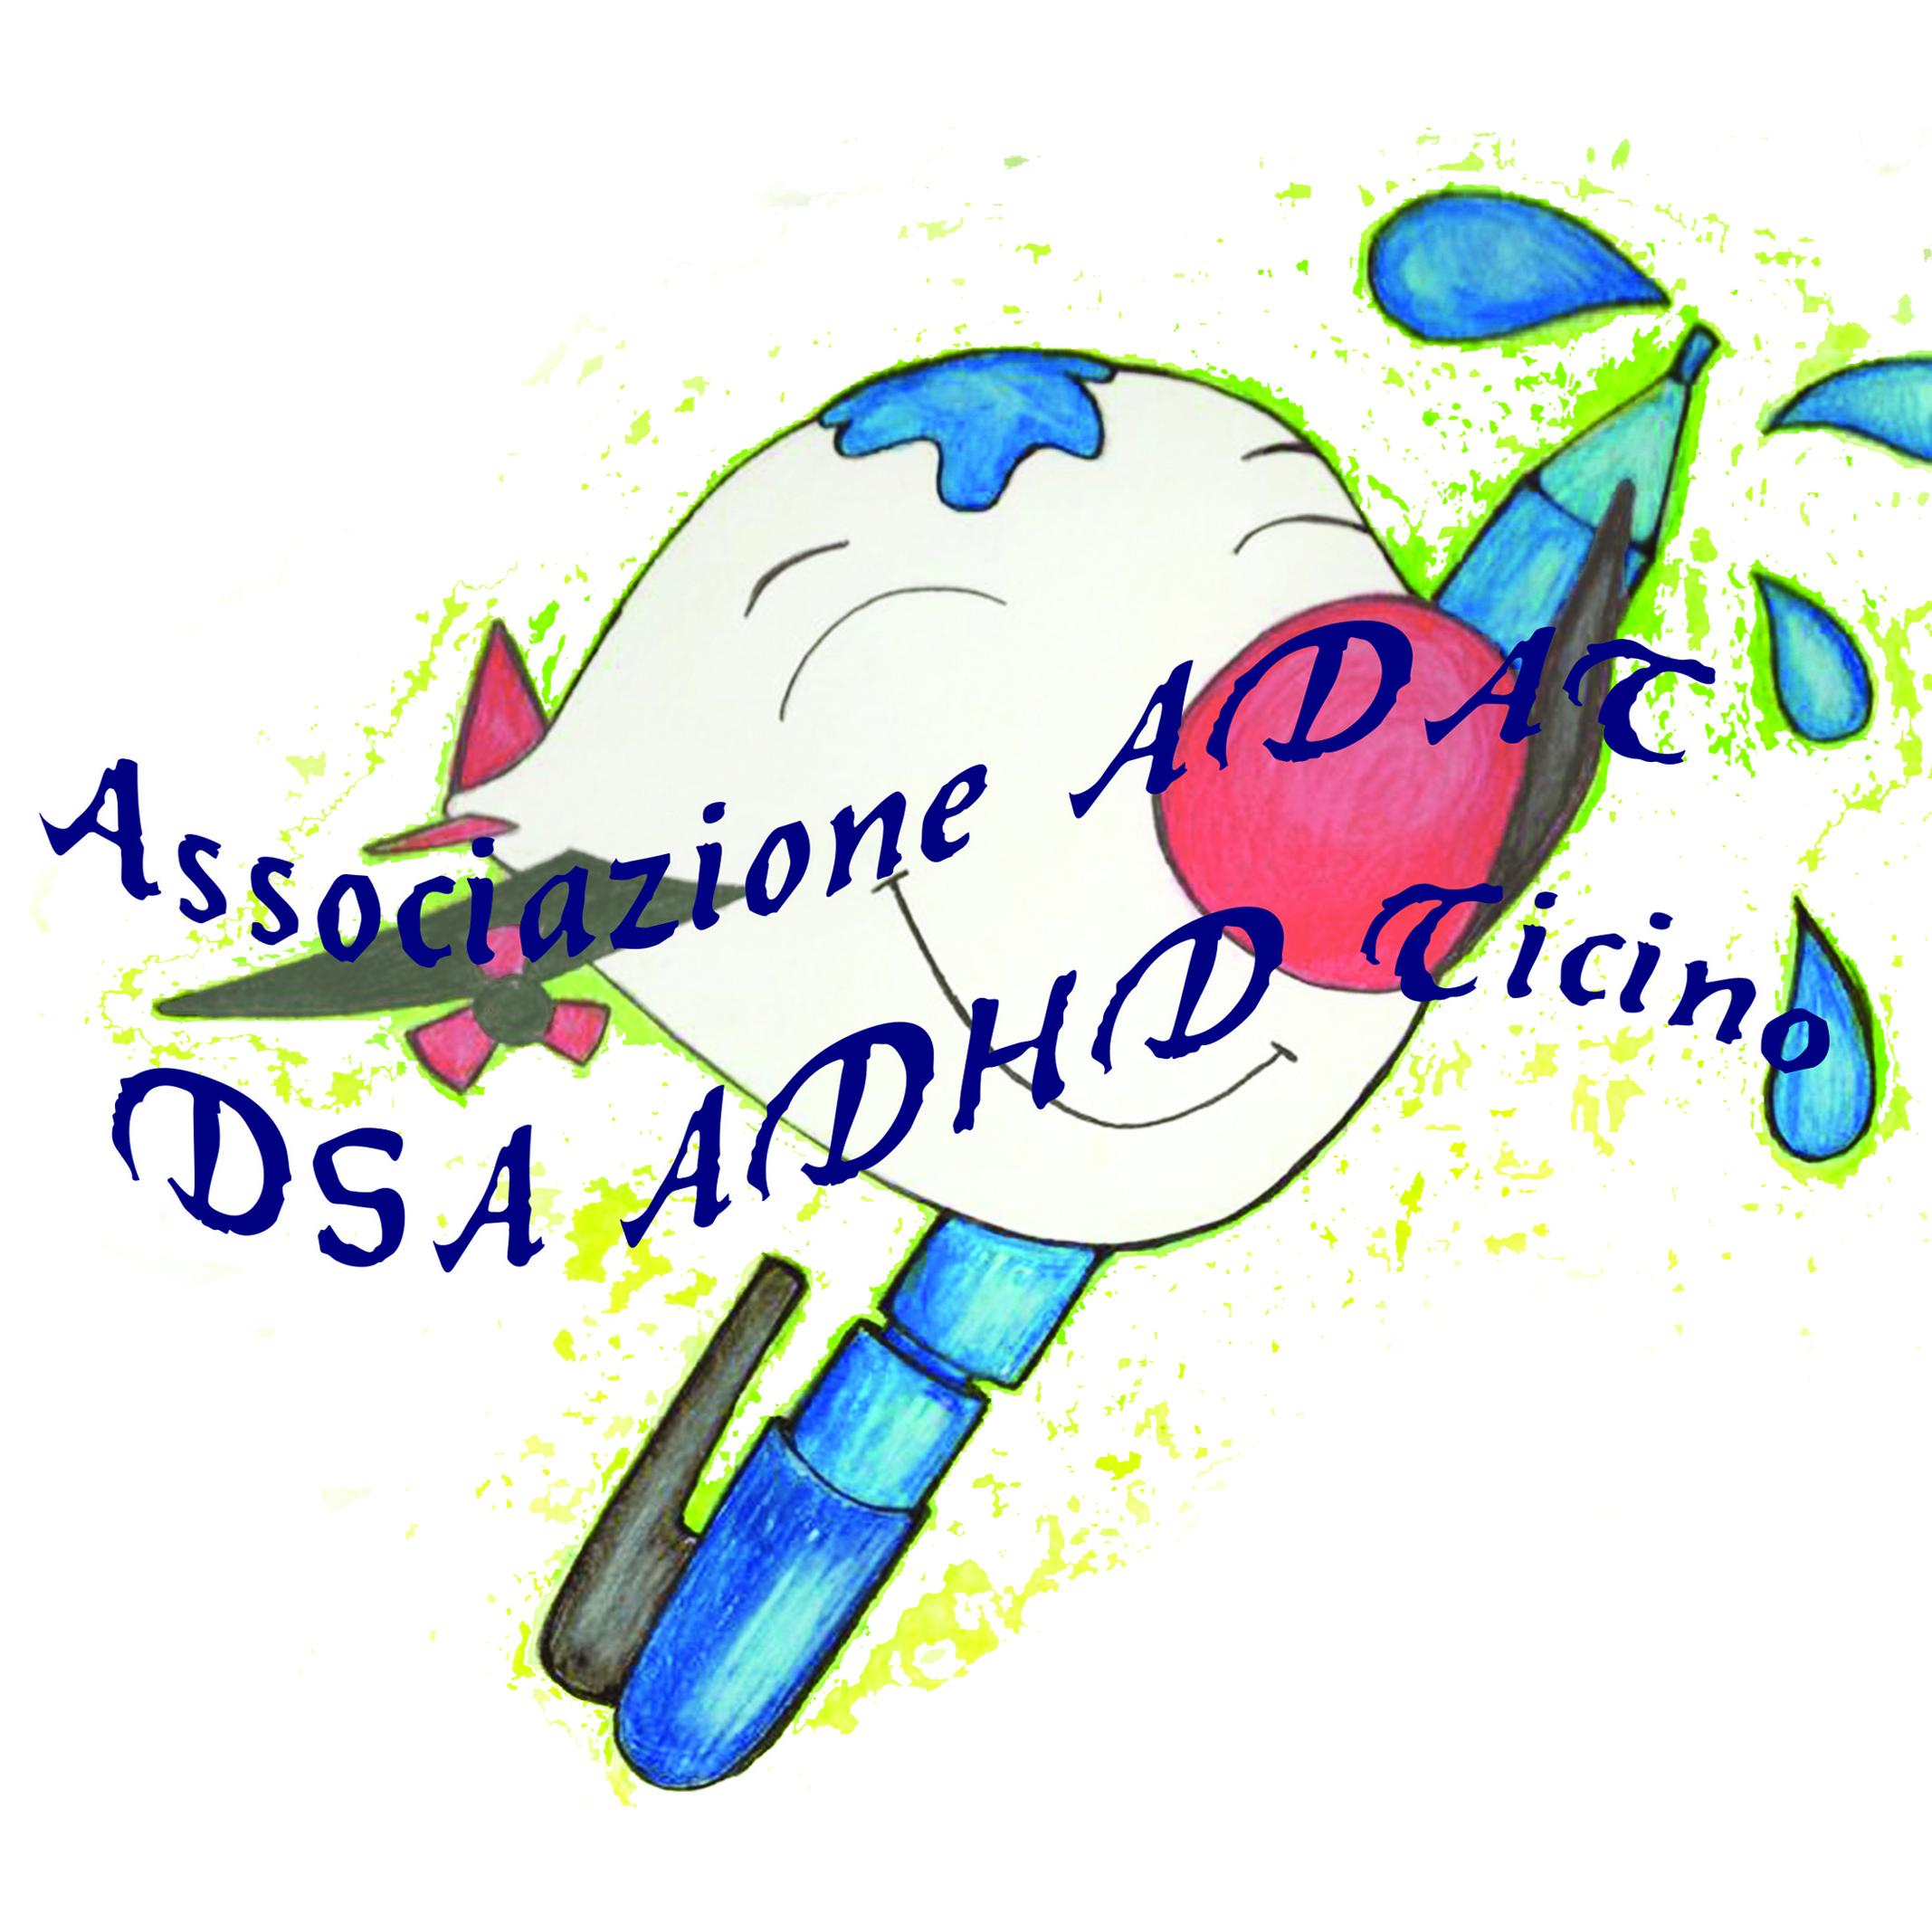 Associazione DSA ADHD Ticino (ADAT)